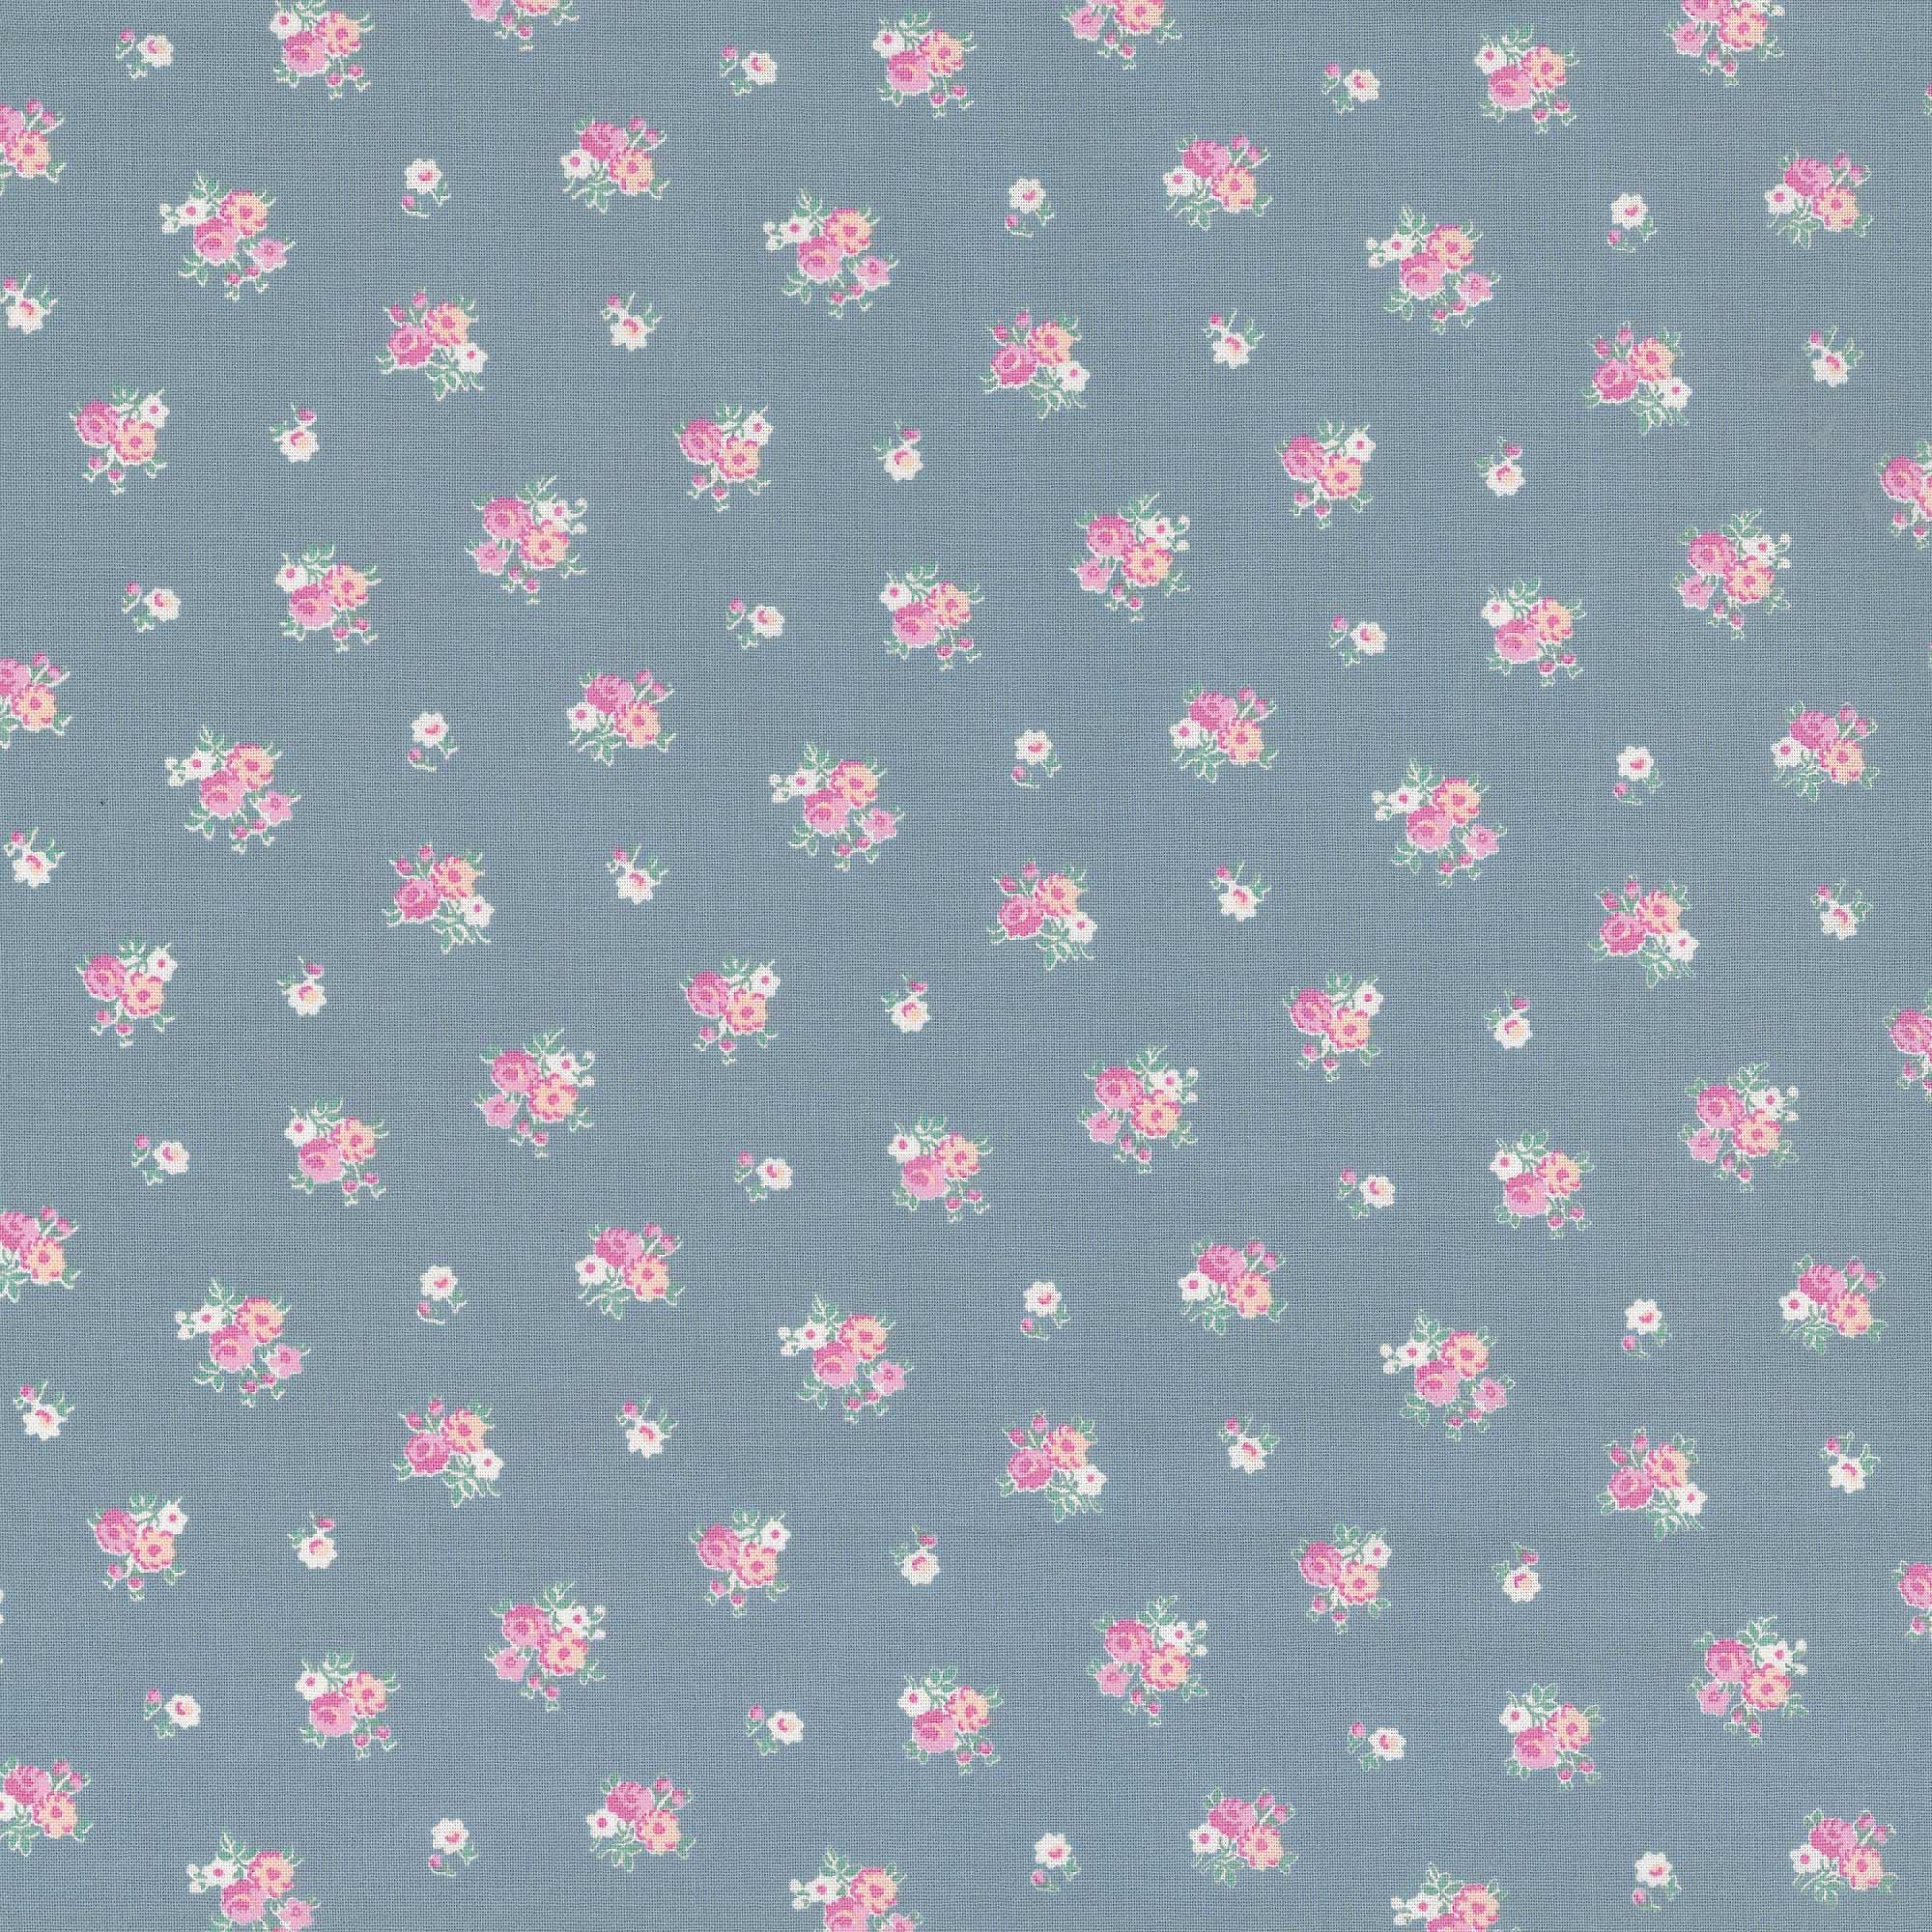 produkt_img/010507044.jpg